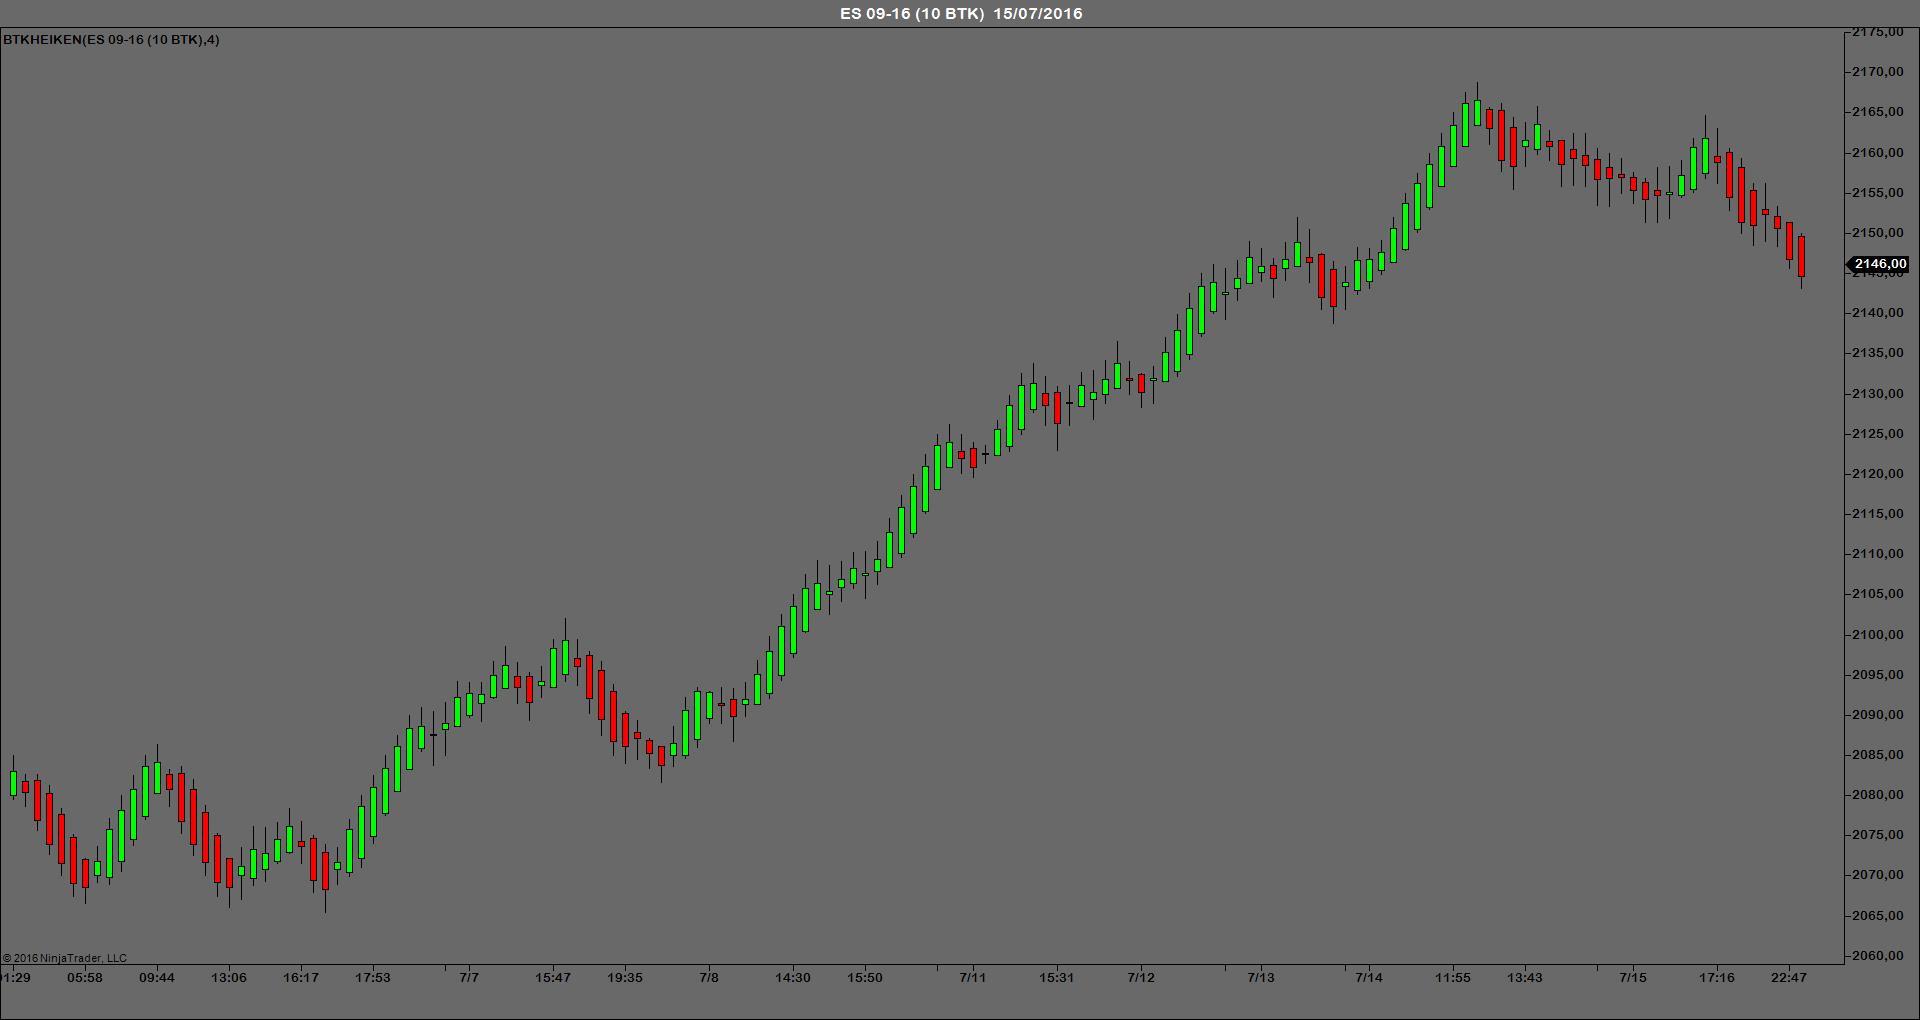 BTKHEIKEN indicador trading